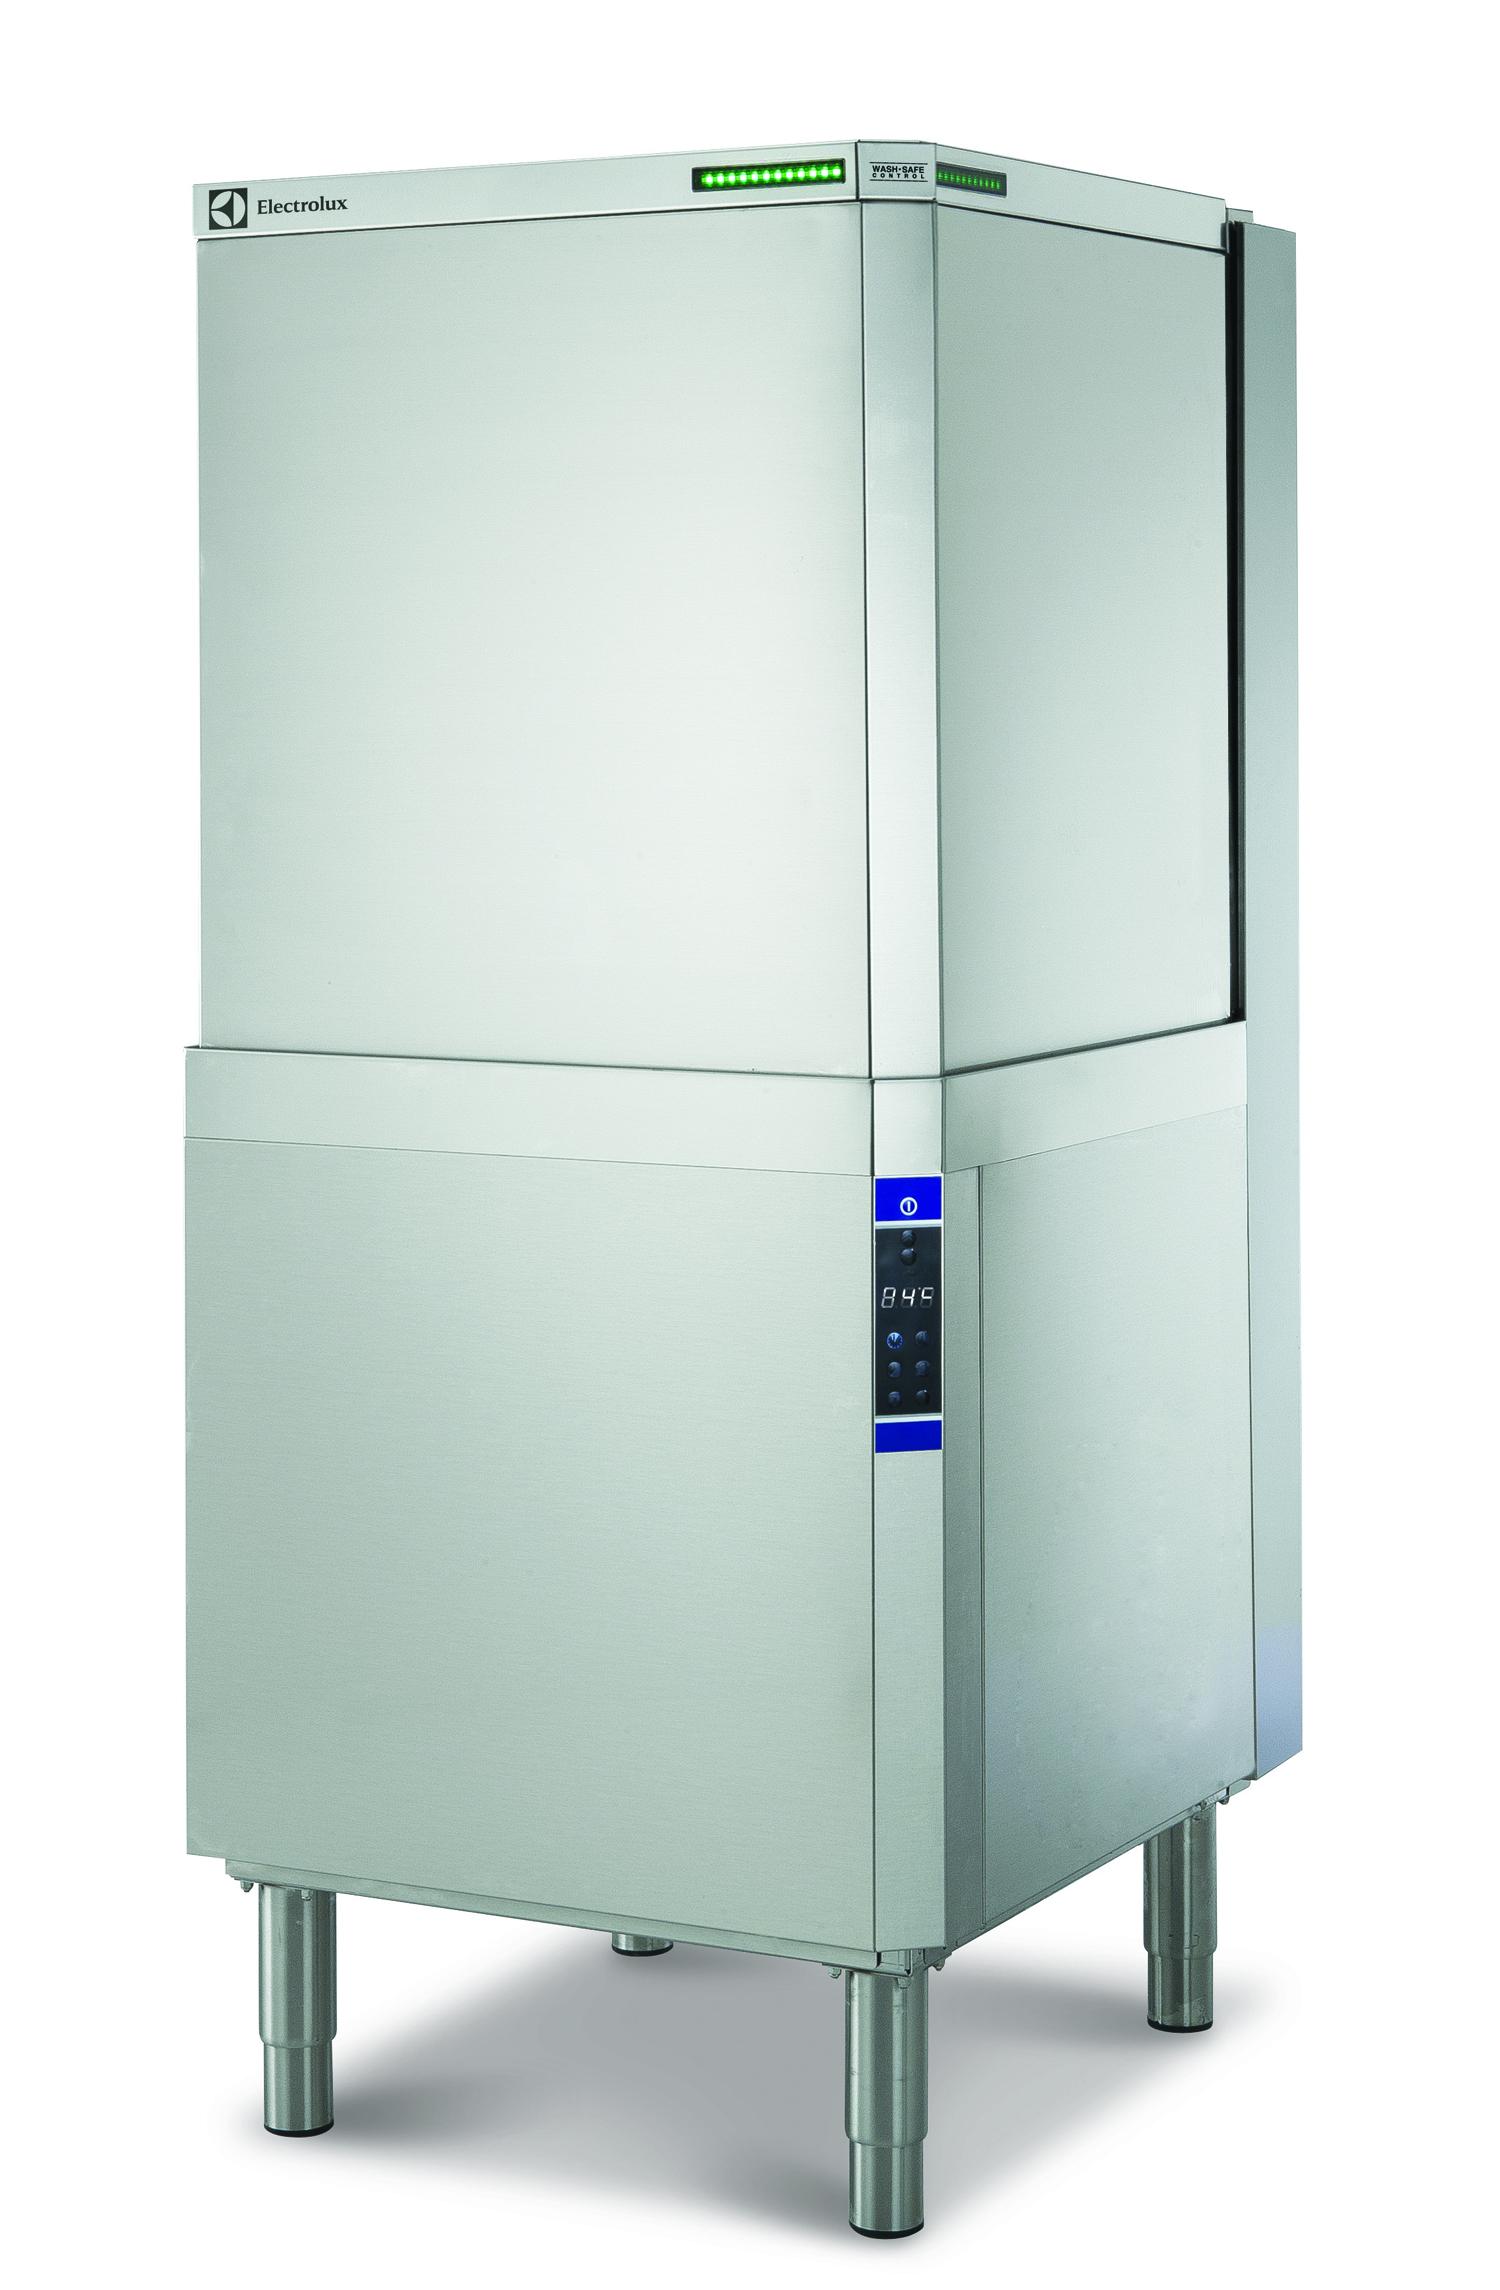 Electrolux-Greenclean-hood-type-dishwasher 1500